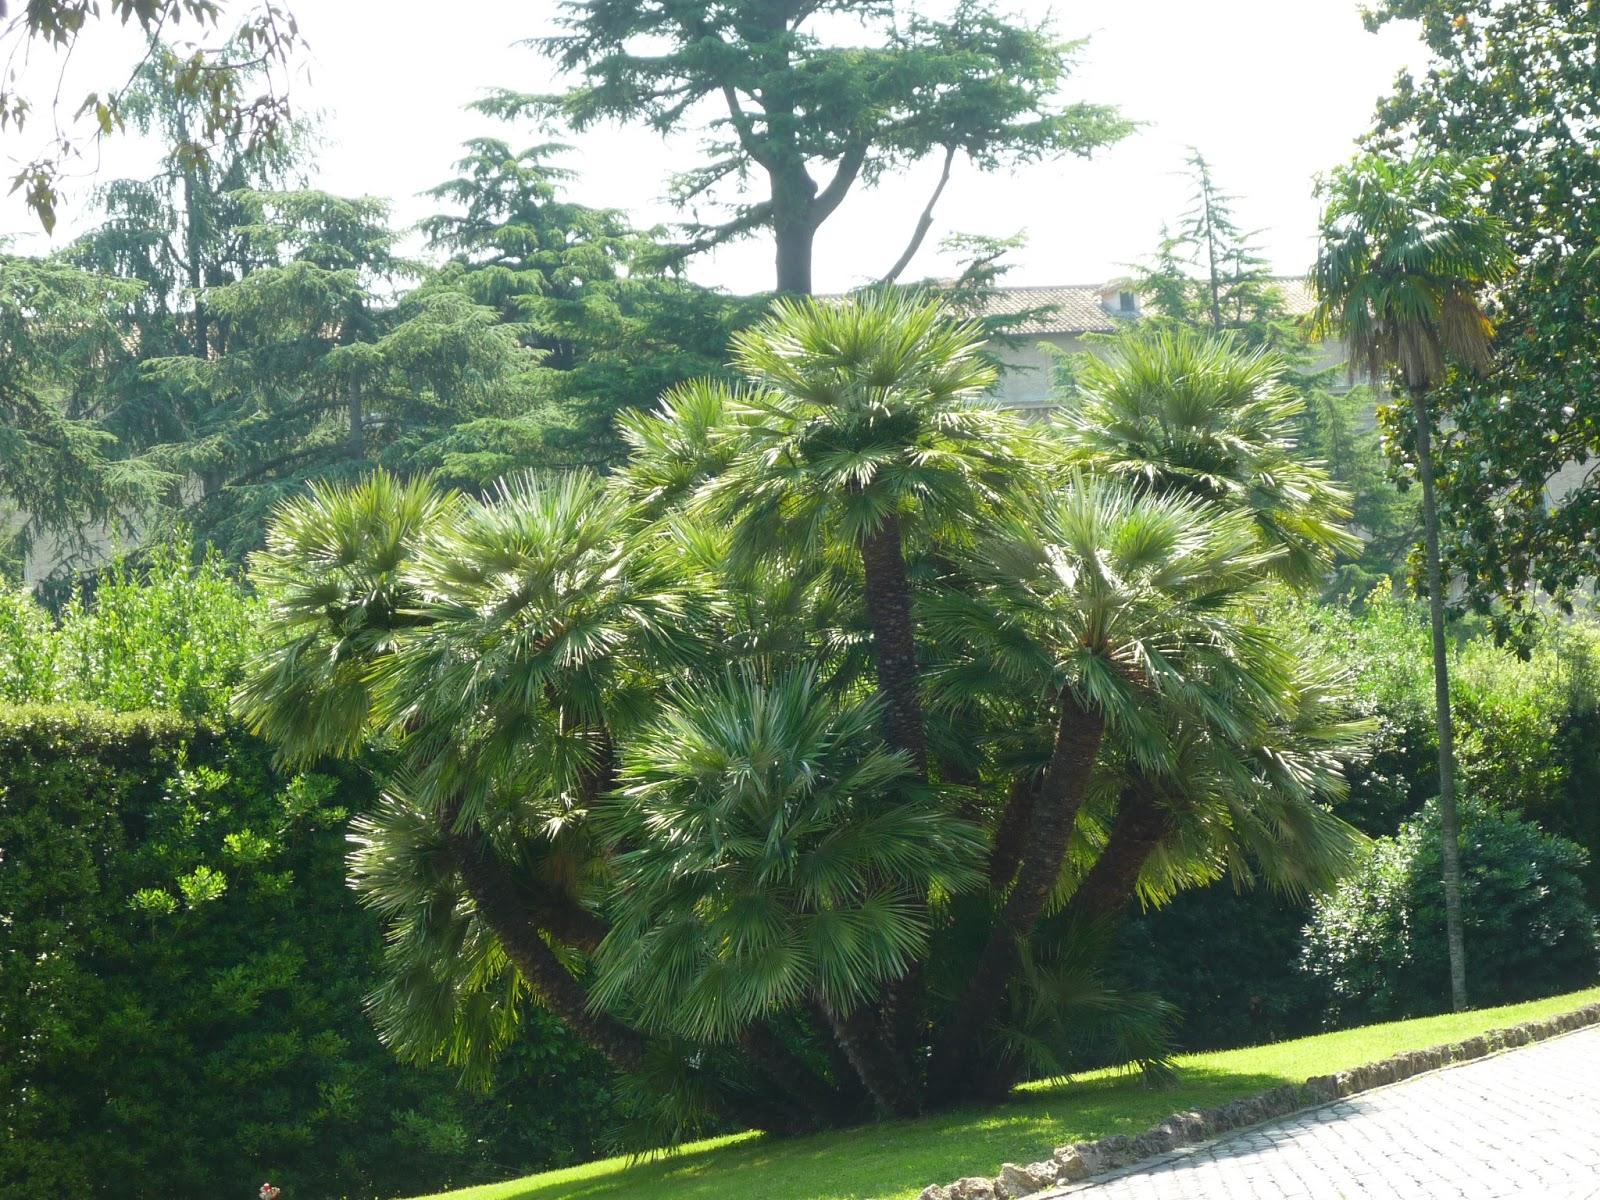 Parroquia de san cayetano los jardines vaticanos for Jardines vaticanos